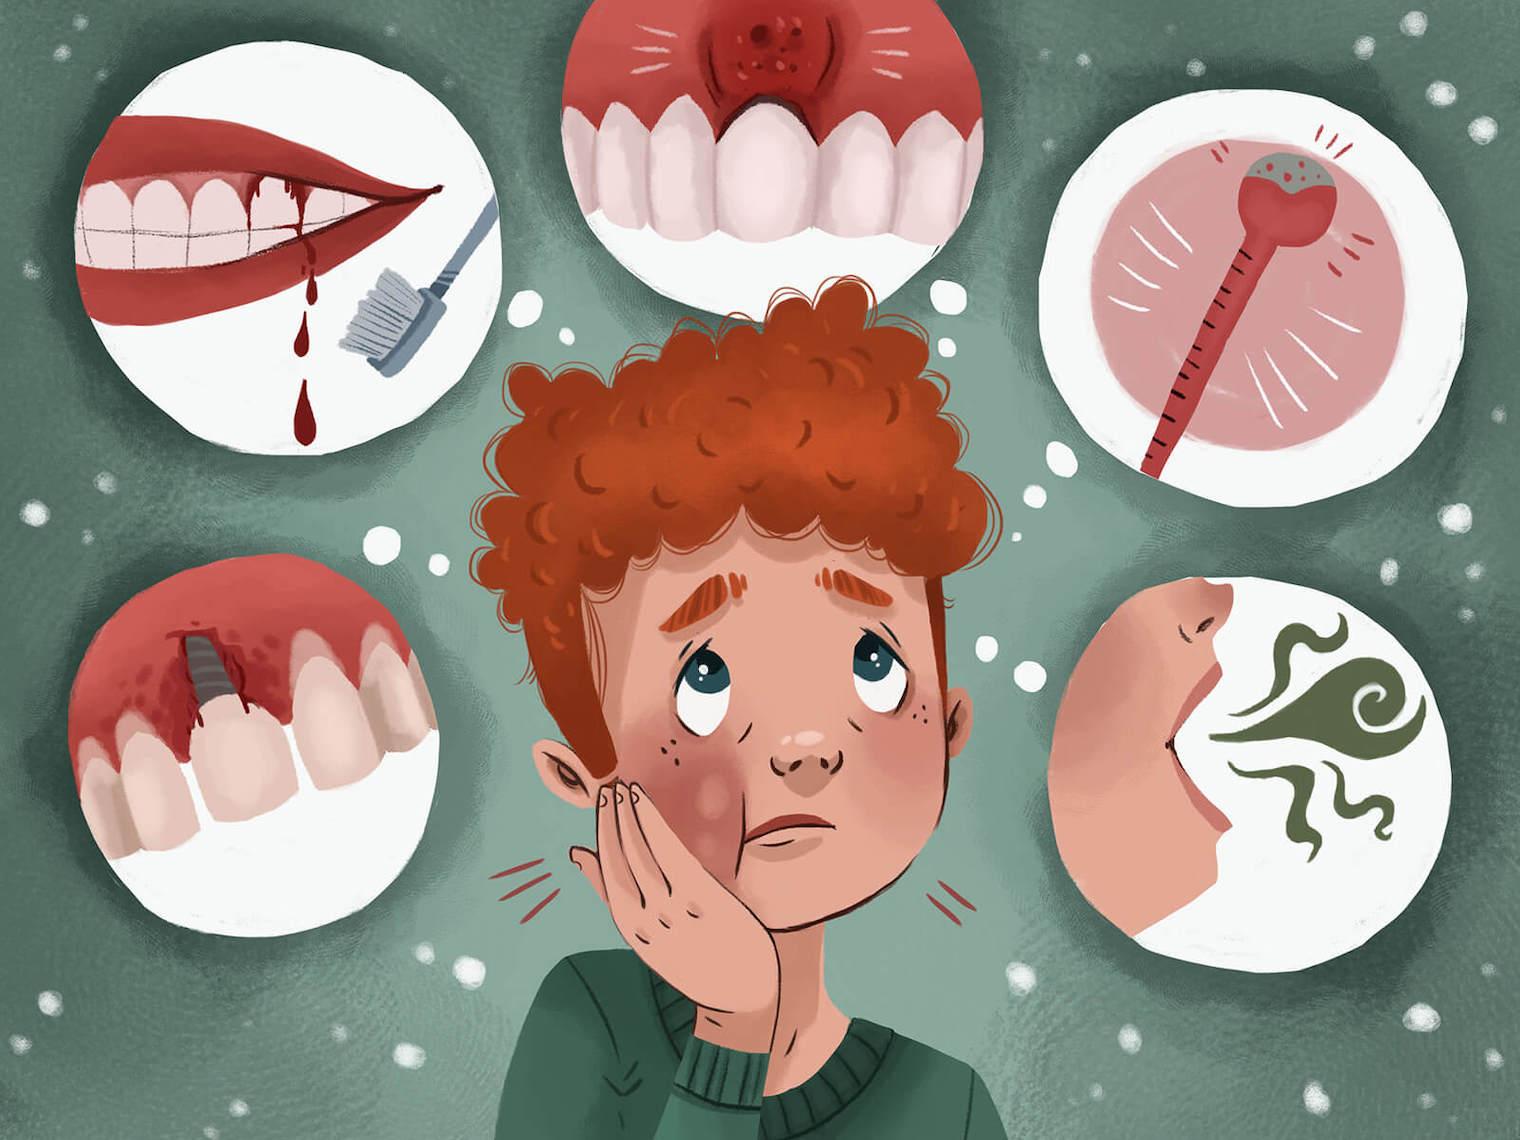 隨著更多牙菌斑累積,漸漸形成厚實的牙結石,將牙齦與牙齒中間距離撐開,形成容易藏污納垢的空間—牙周囊袋。若不好好處理,就會加速牙周病的病情發展。